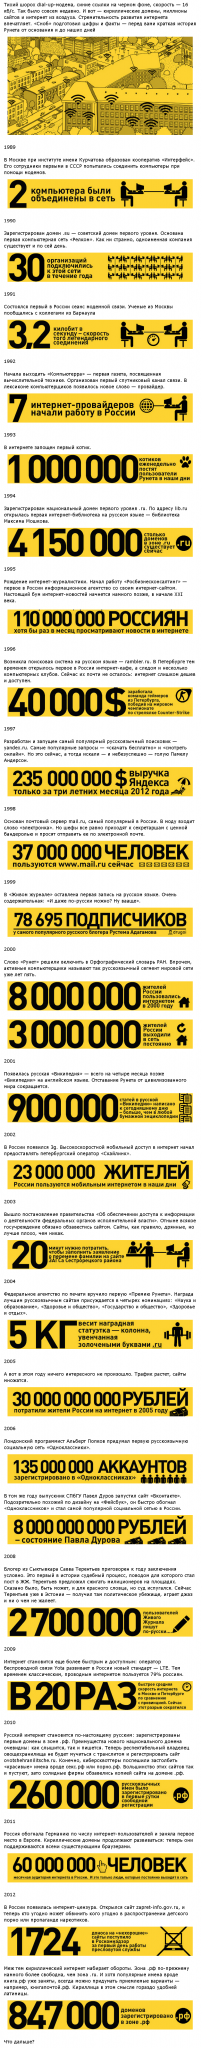 Краткая история Рунета